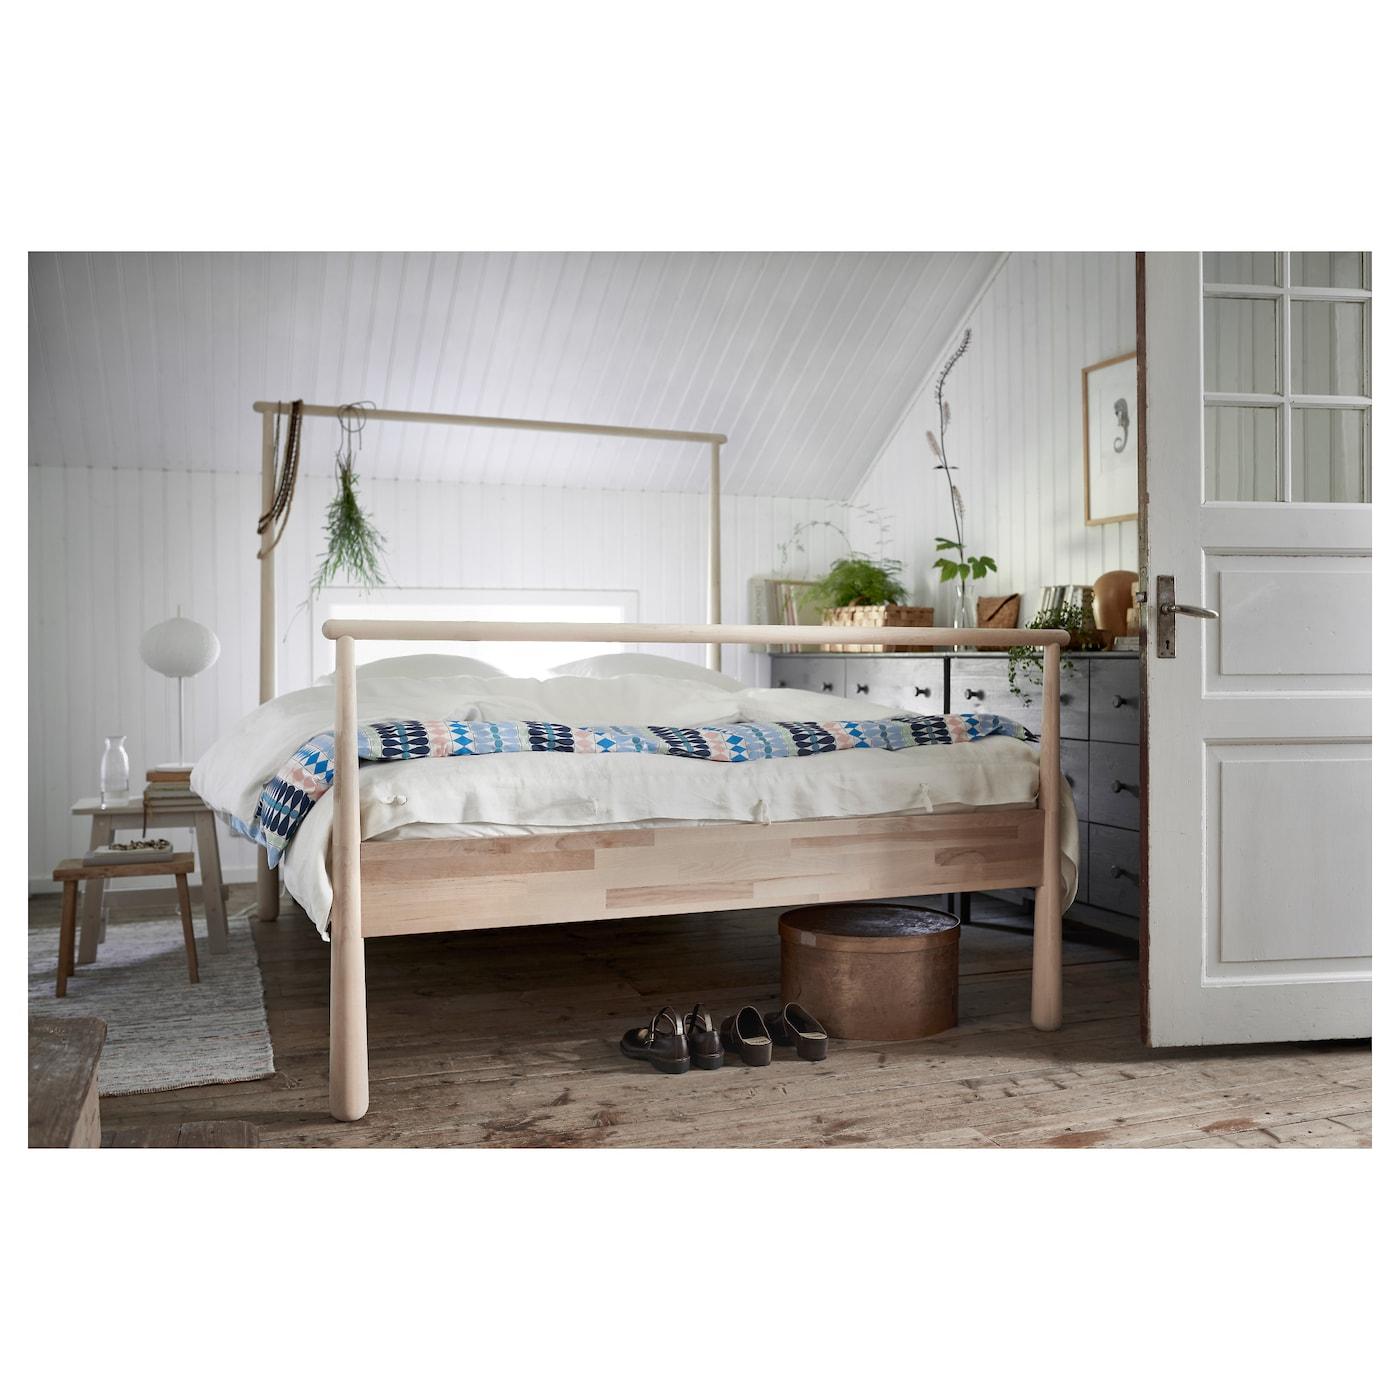 gj ra bed frame birch leirsund standard king ikea. Black Bedroom Furniture Sets. Home Design Ideas